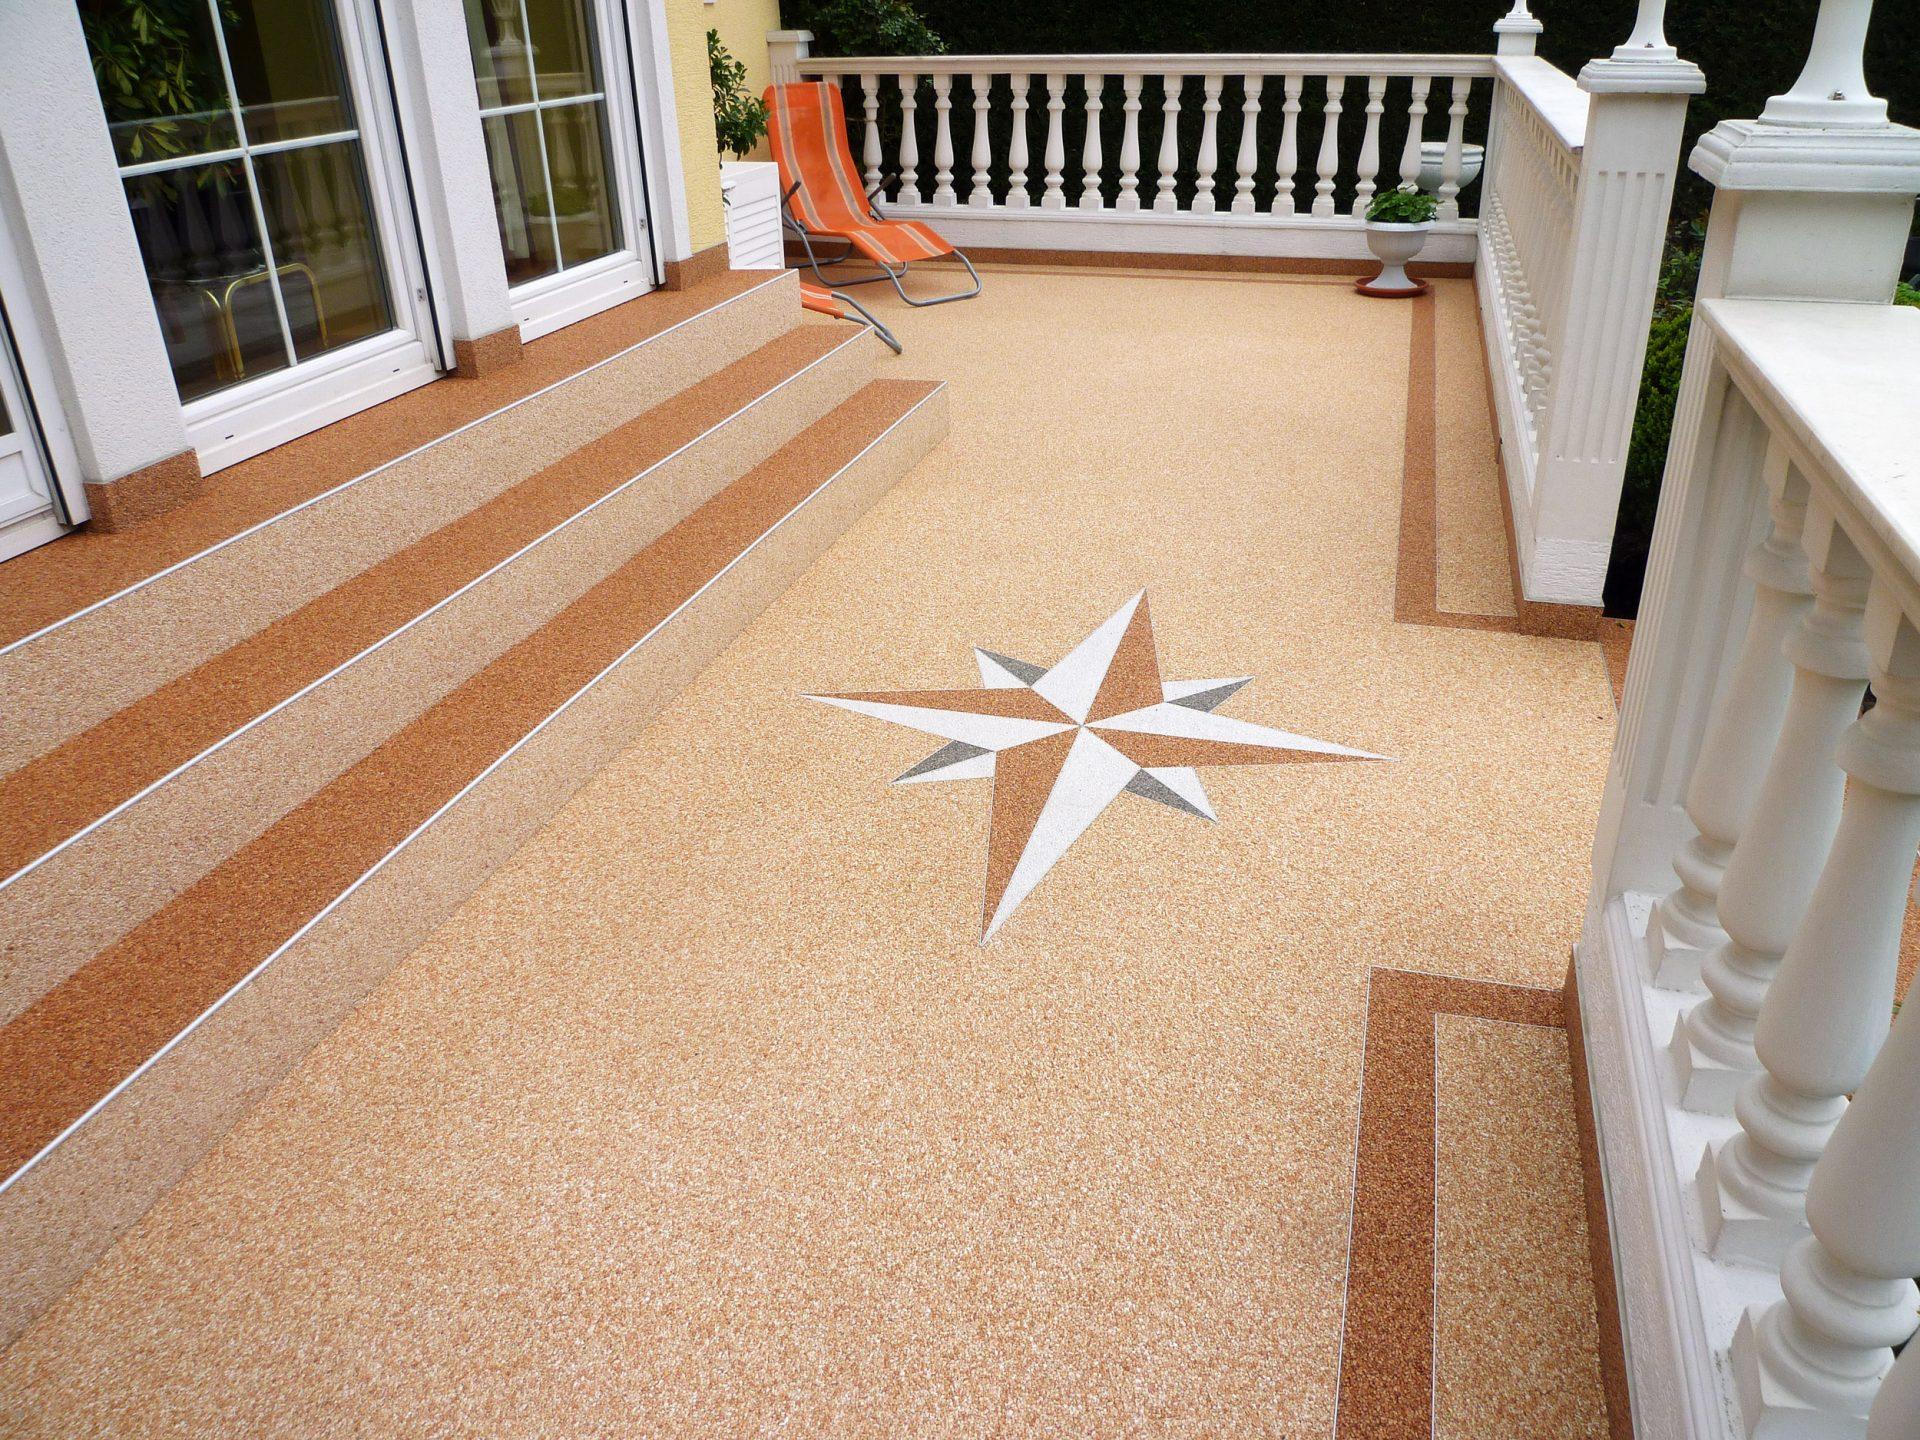 Extrem Steinteppiche außen | Bautenschutz Melcher KQ19